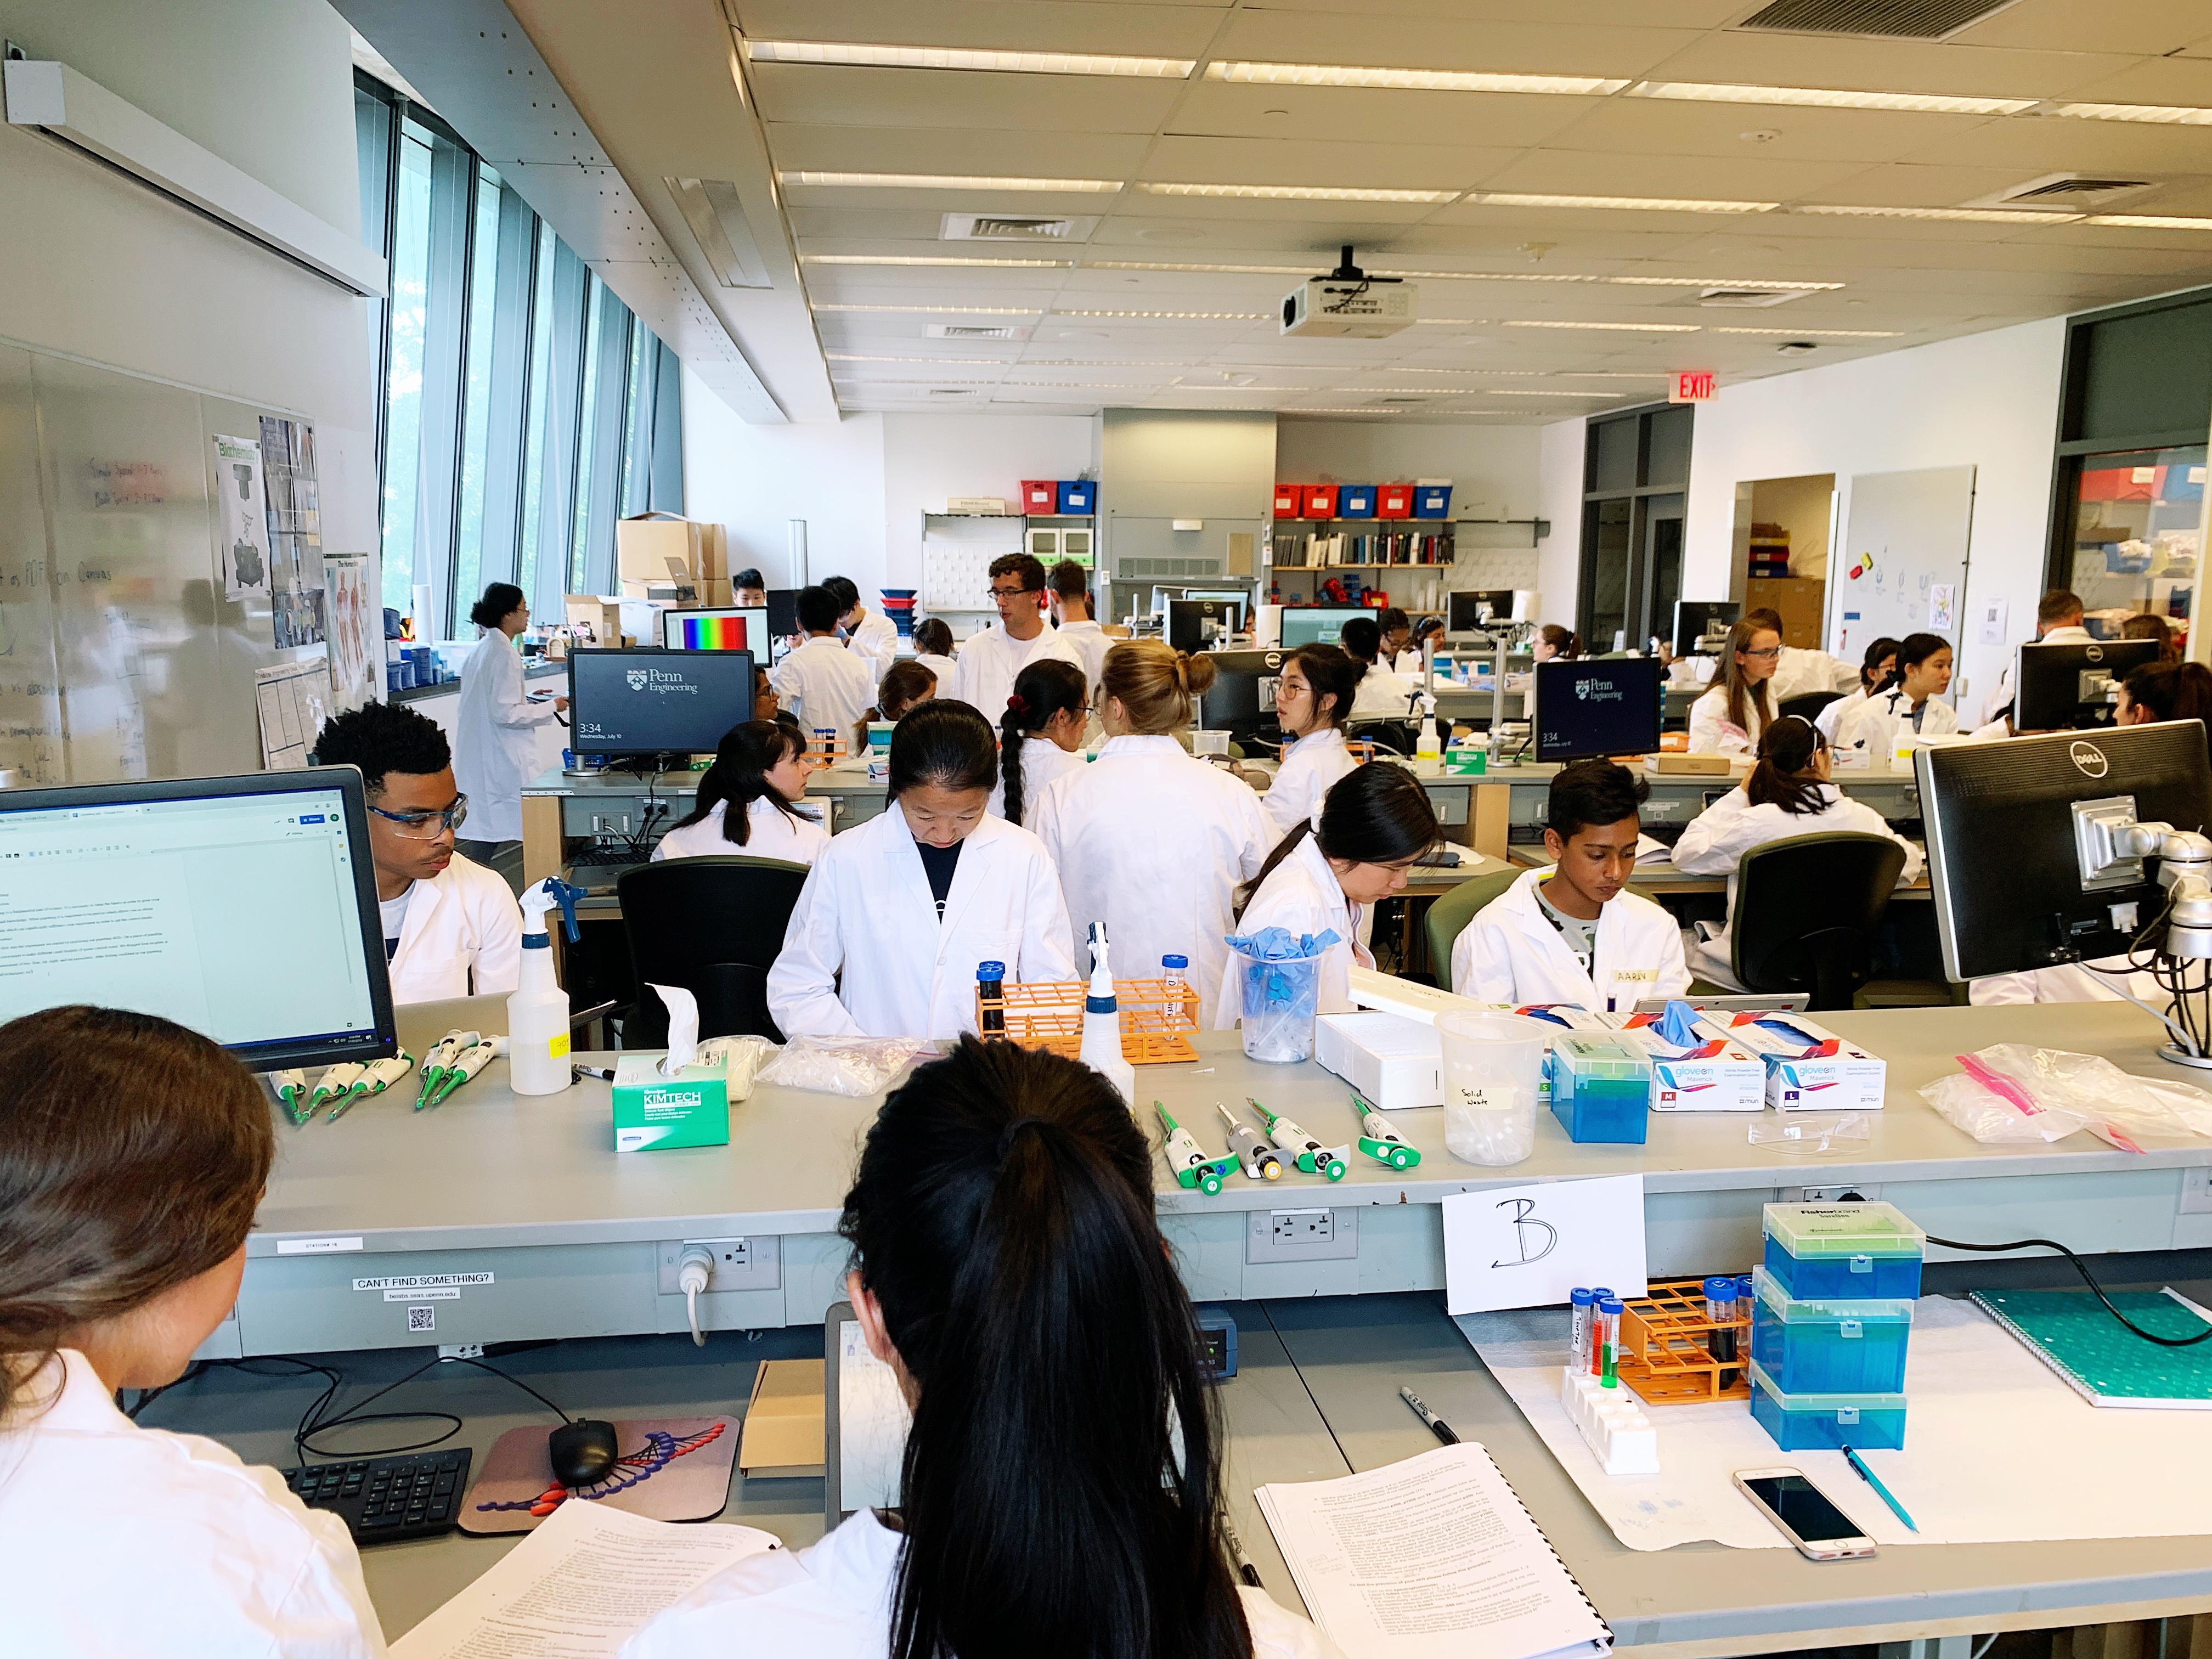 Summer Program - Coding | Engineering Summer Academy at Penn